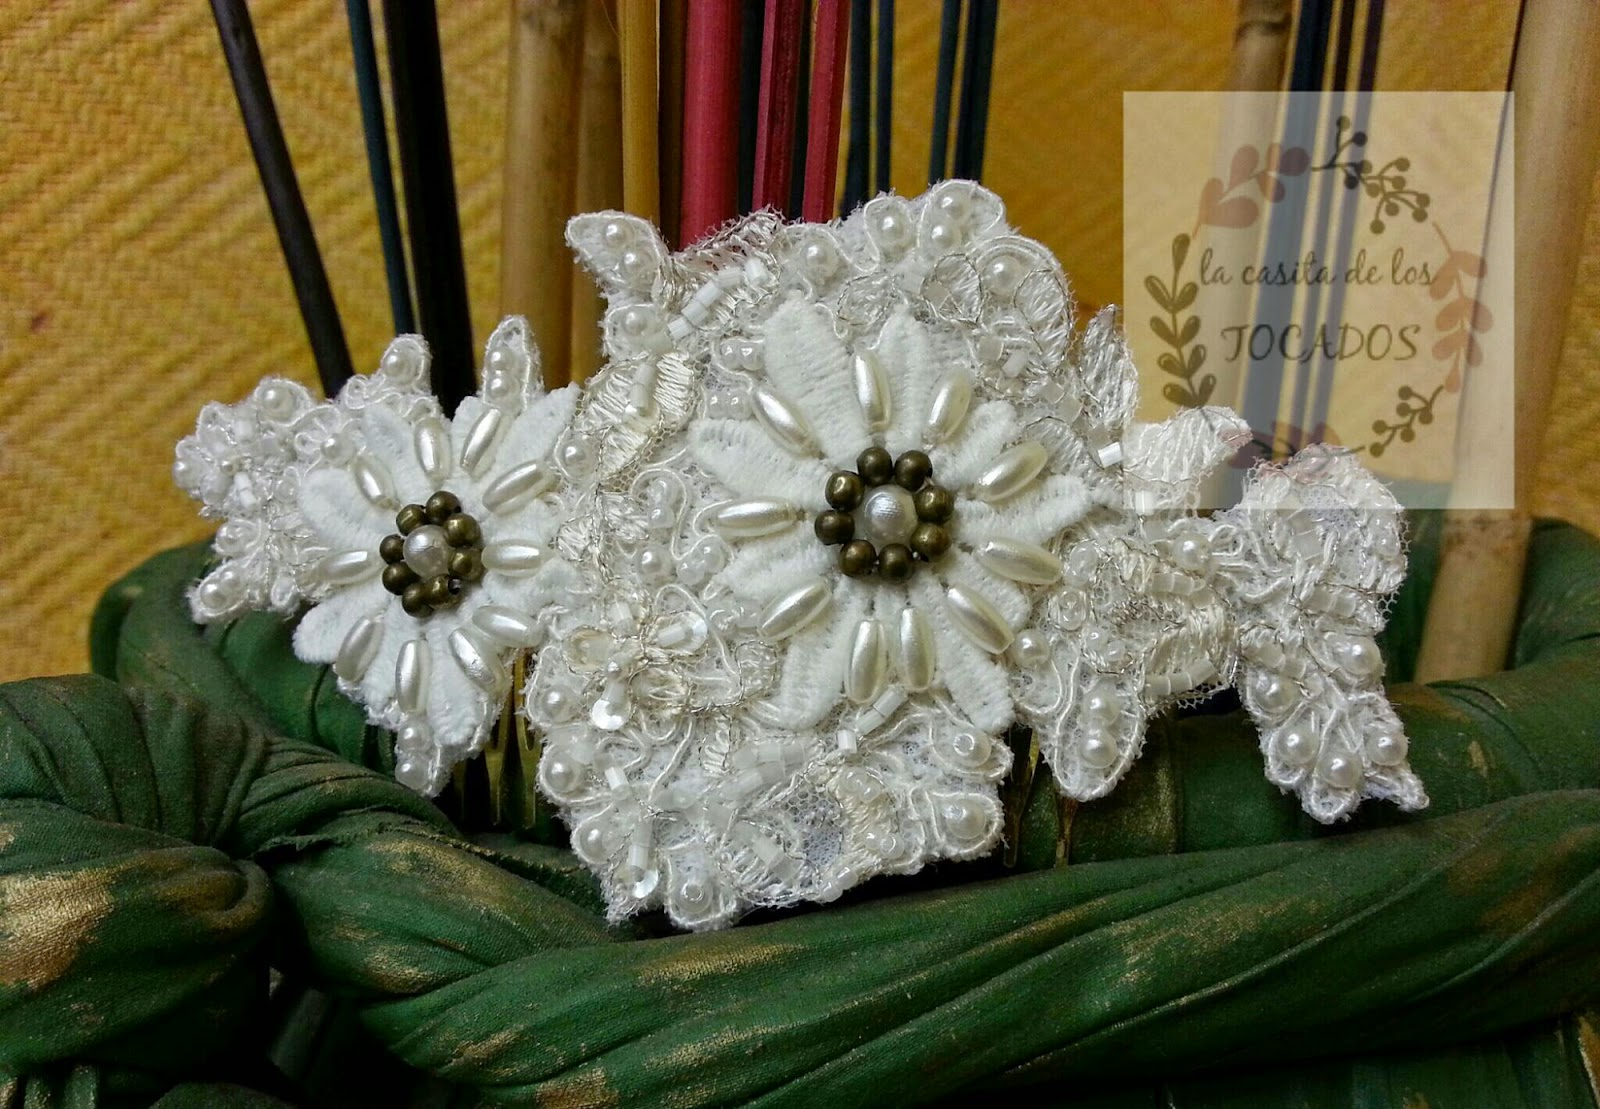 tocado vintage para novia en colores blanco y bronce con pedrería bordada sobre guipur